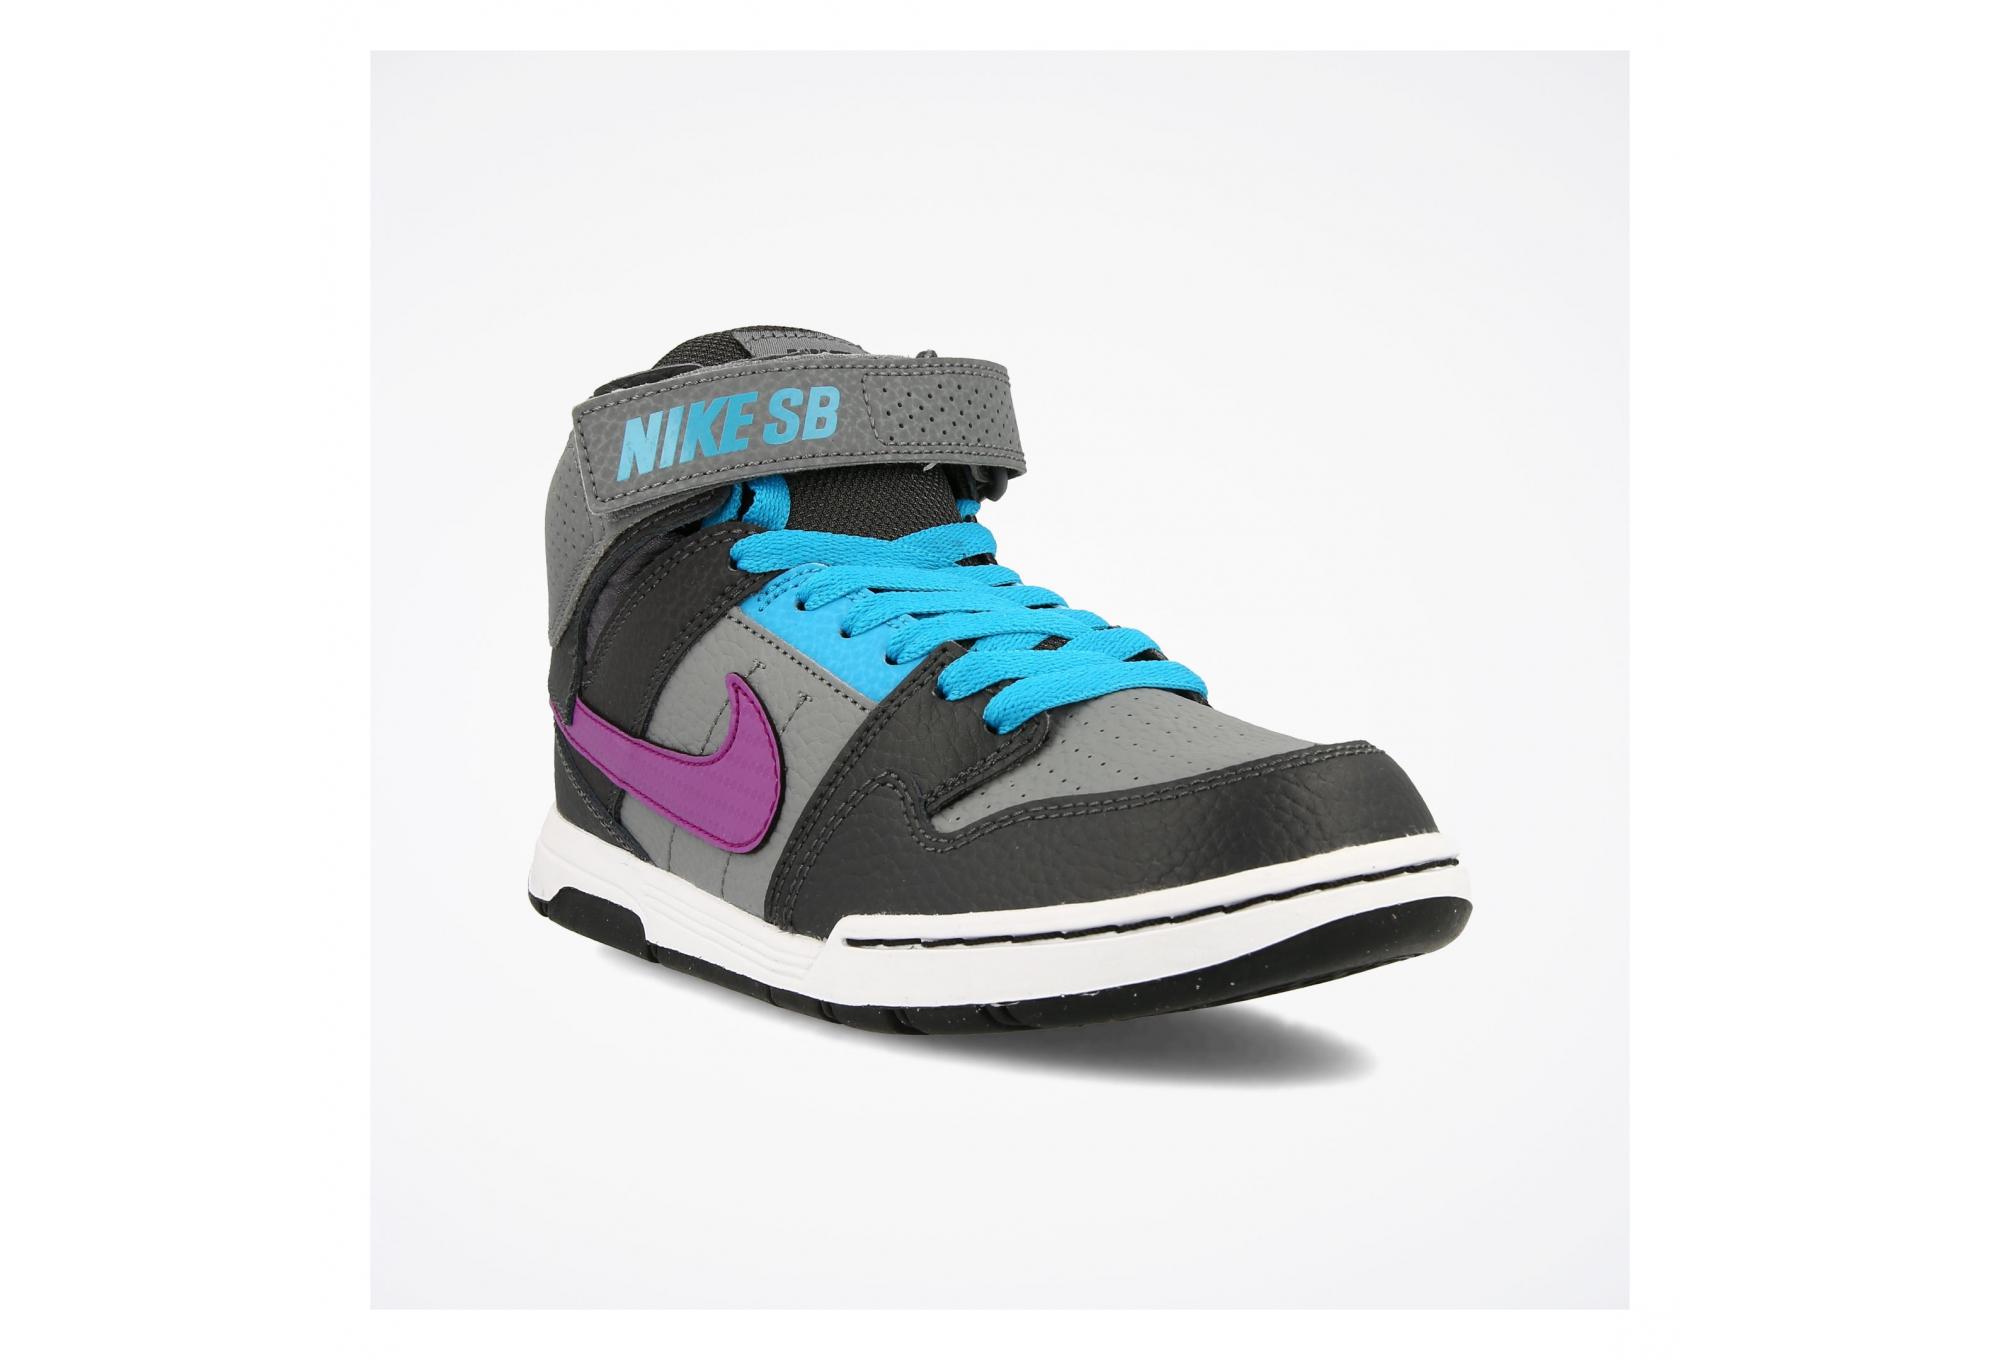 Nike SB Mogan Mid 2 JR Youth Skate